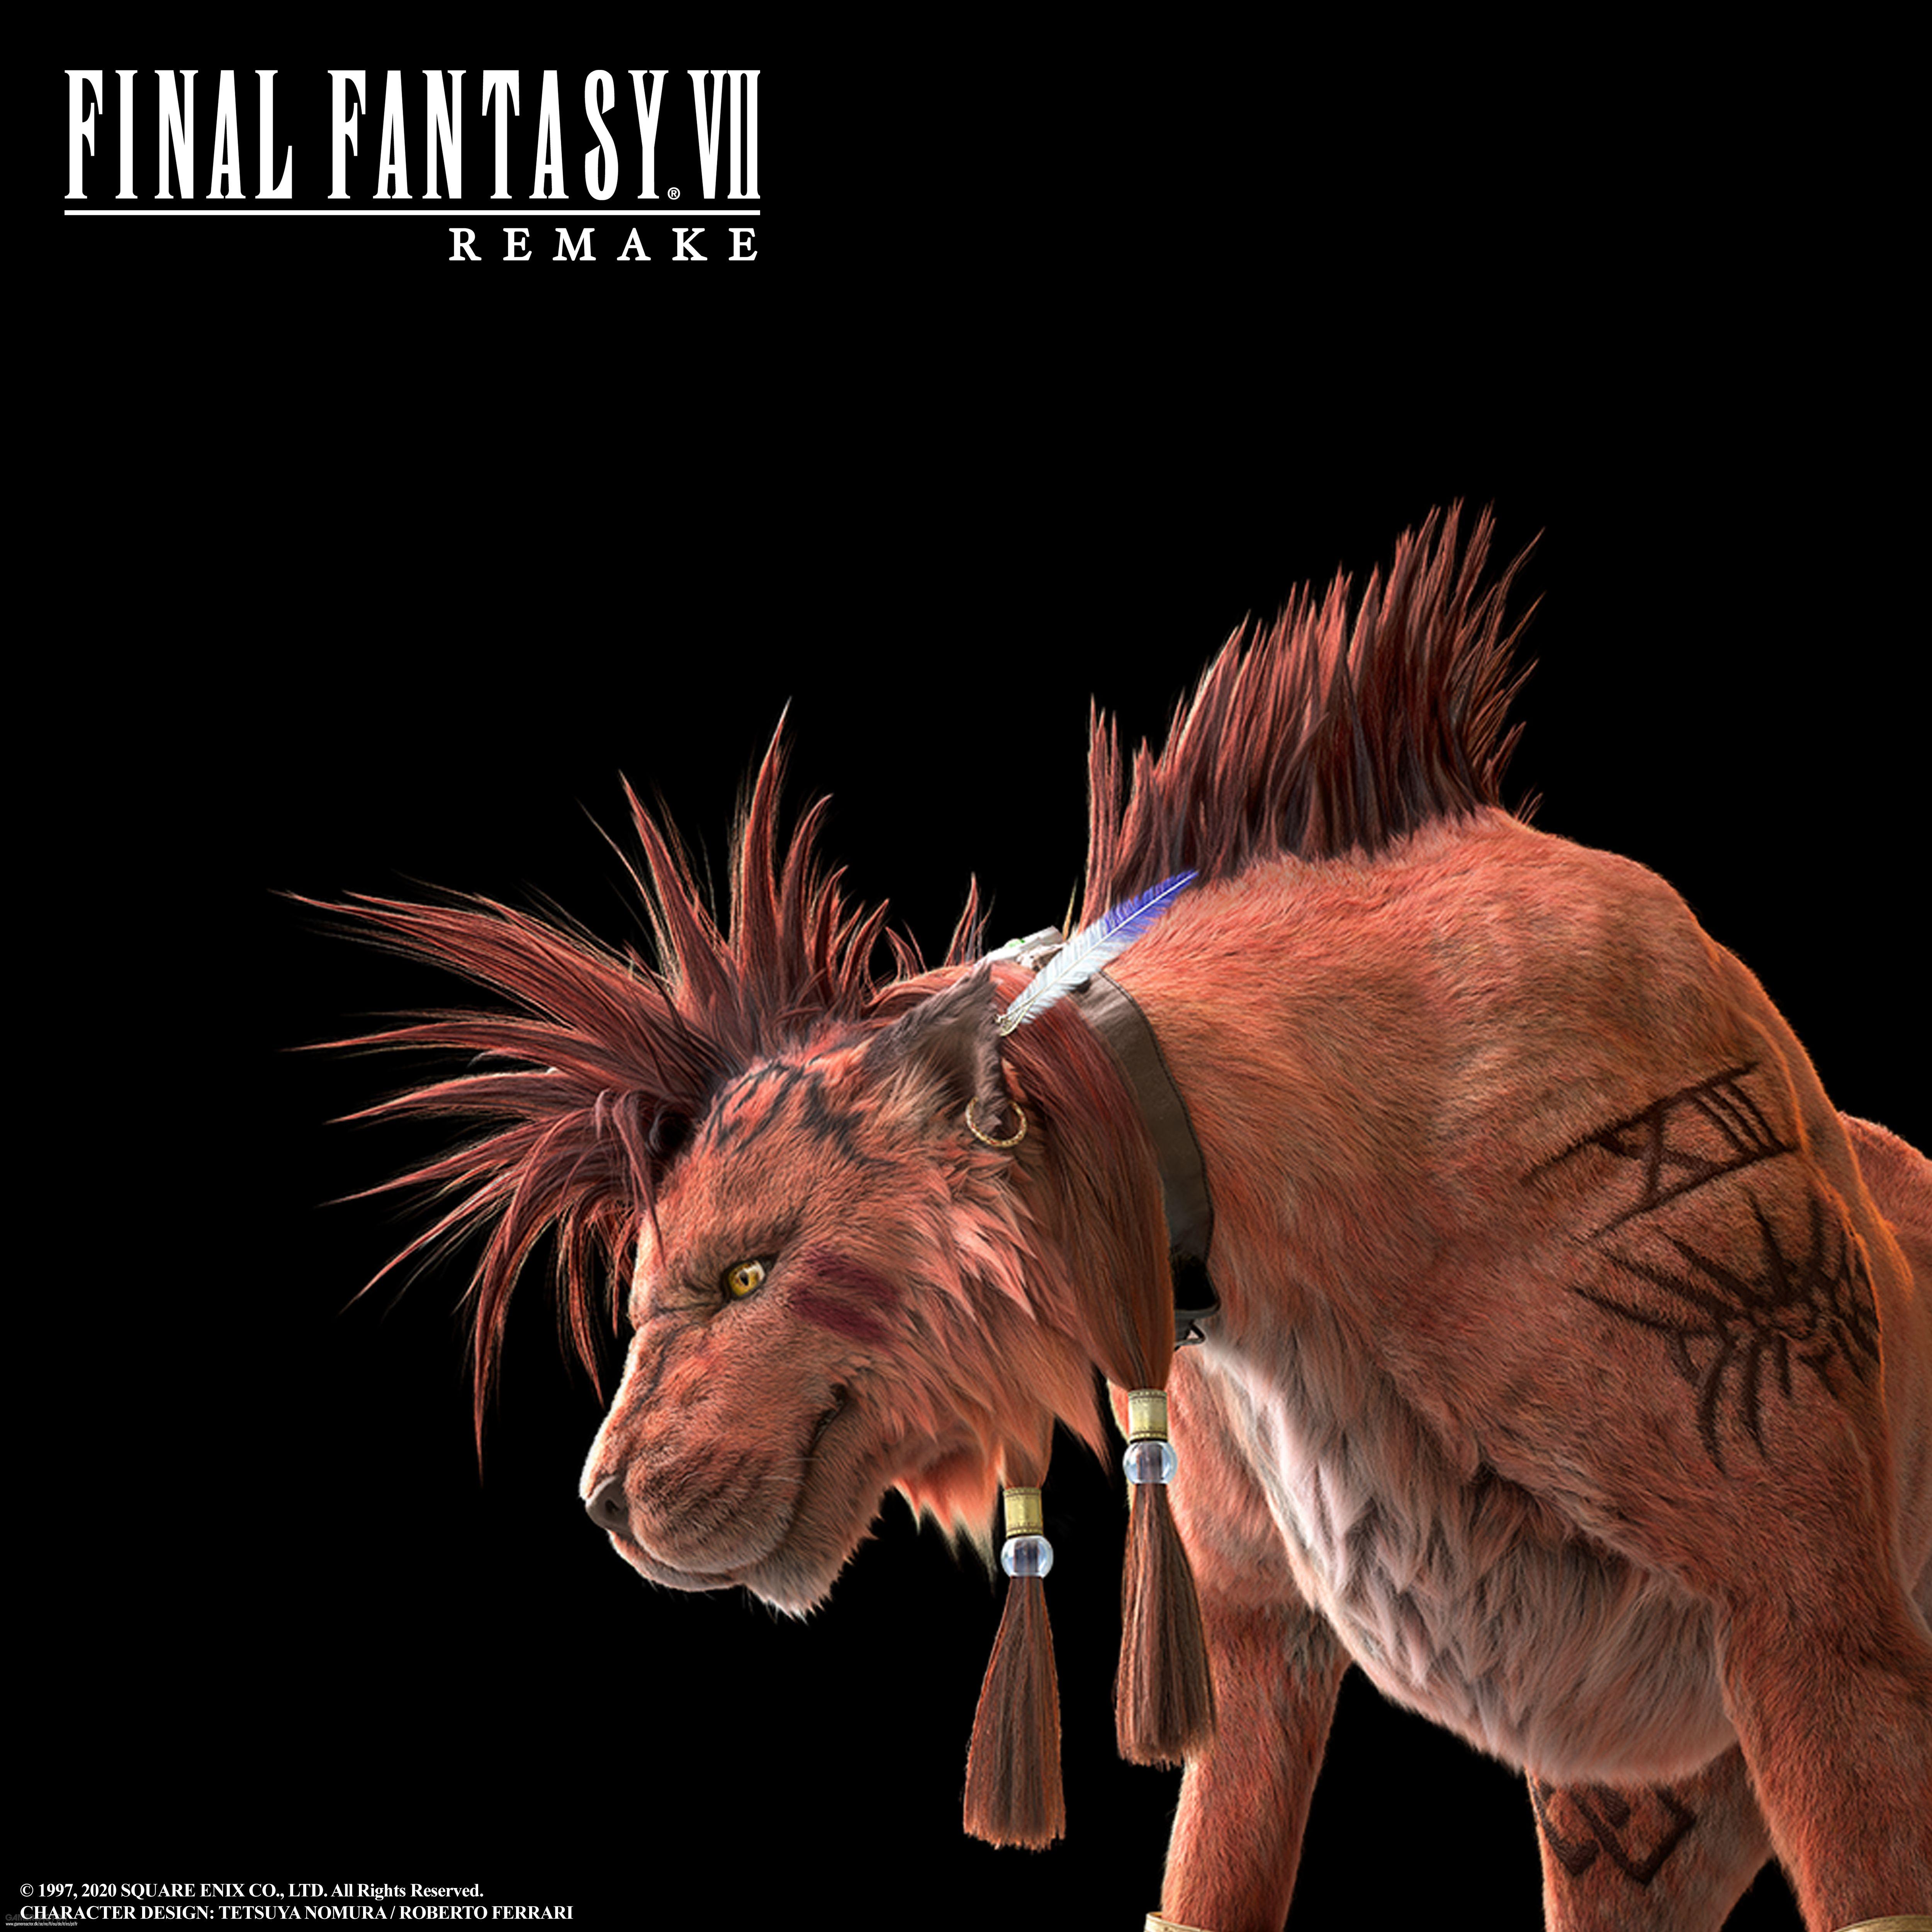 Red XIII är inte en spelbar karaktär i Final Fantasy VII: Remake